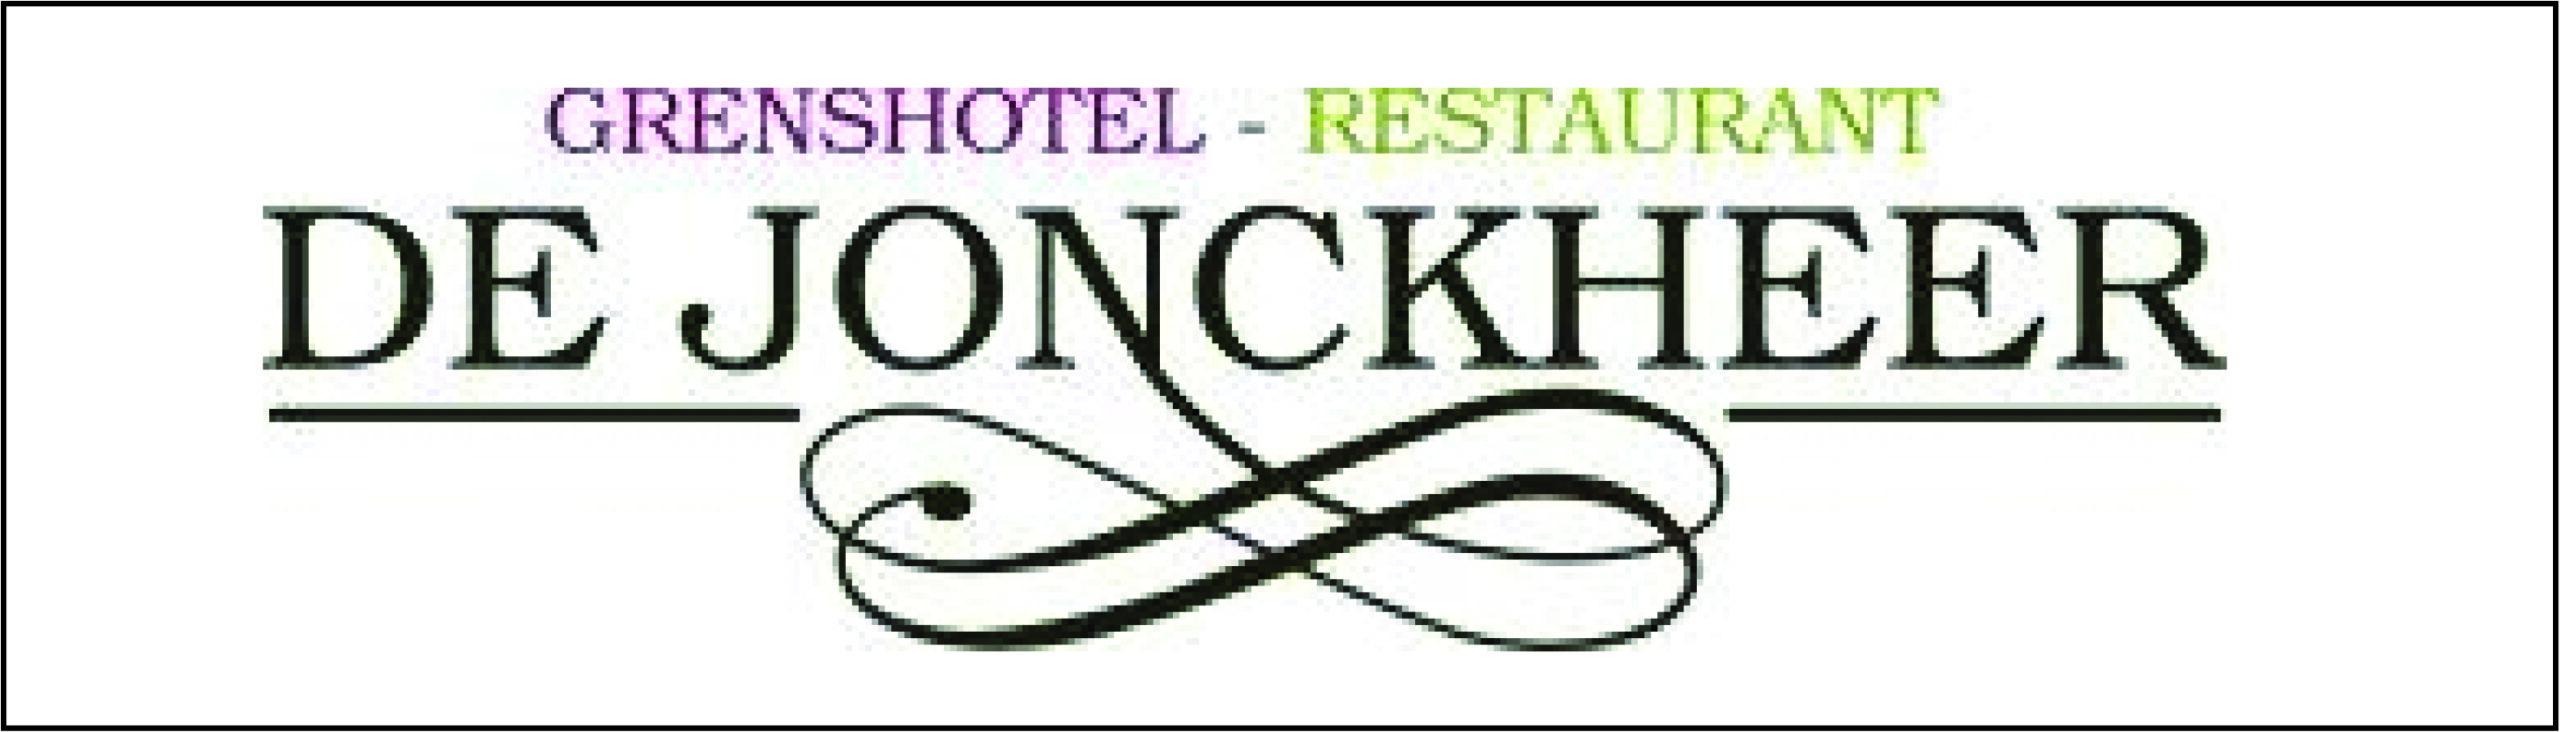 grenshotel de jonckheer logo PION Horeca & Promotie review